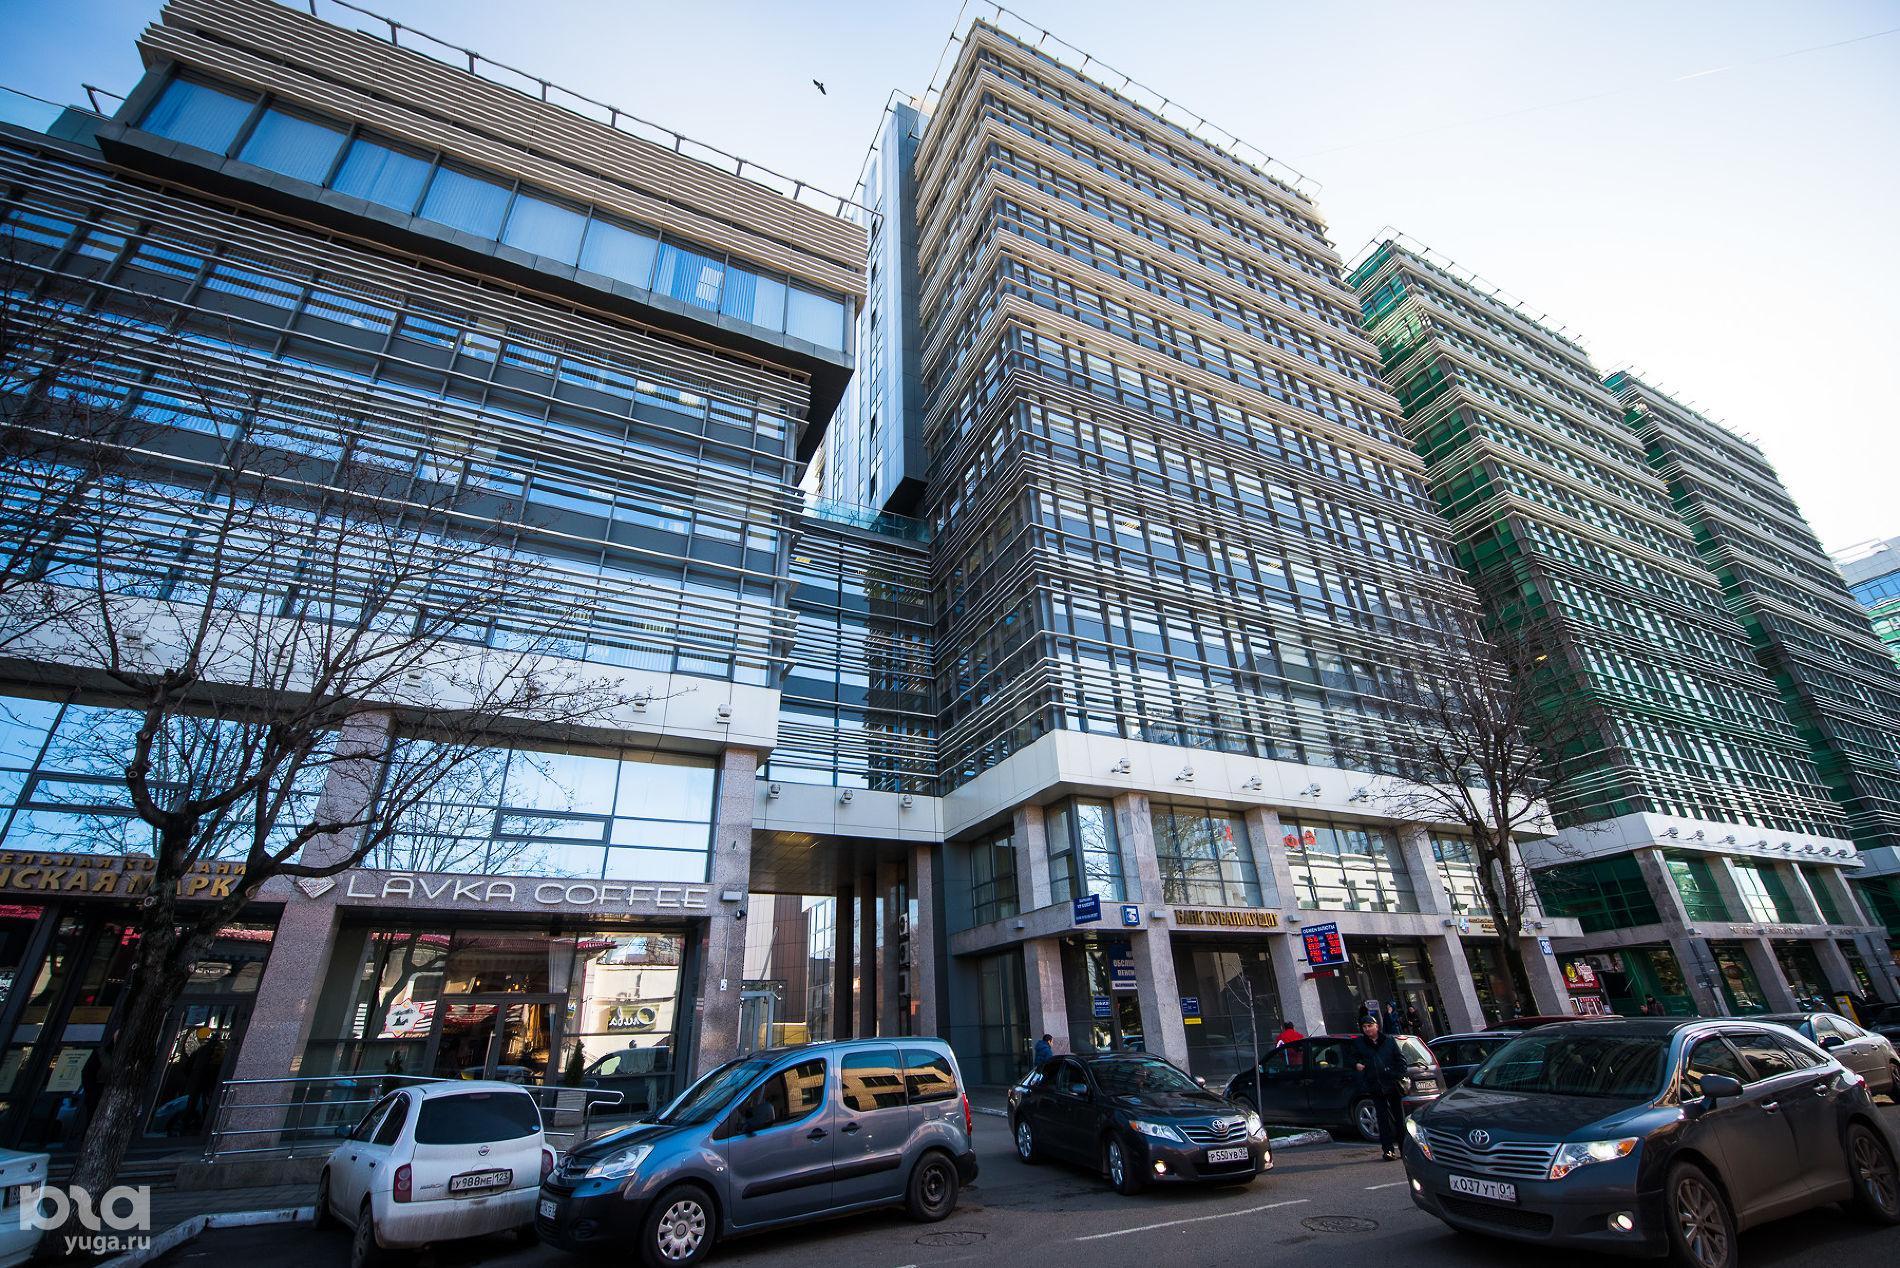 Бизнес-комплекс на улице Красноармейской ©Фото Елены Синеок, Юга.ру